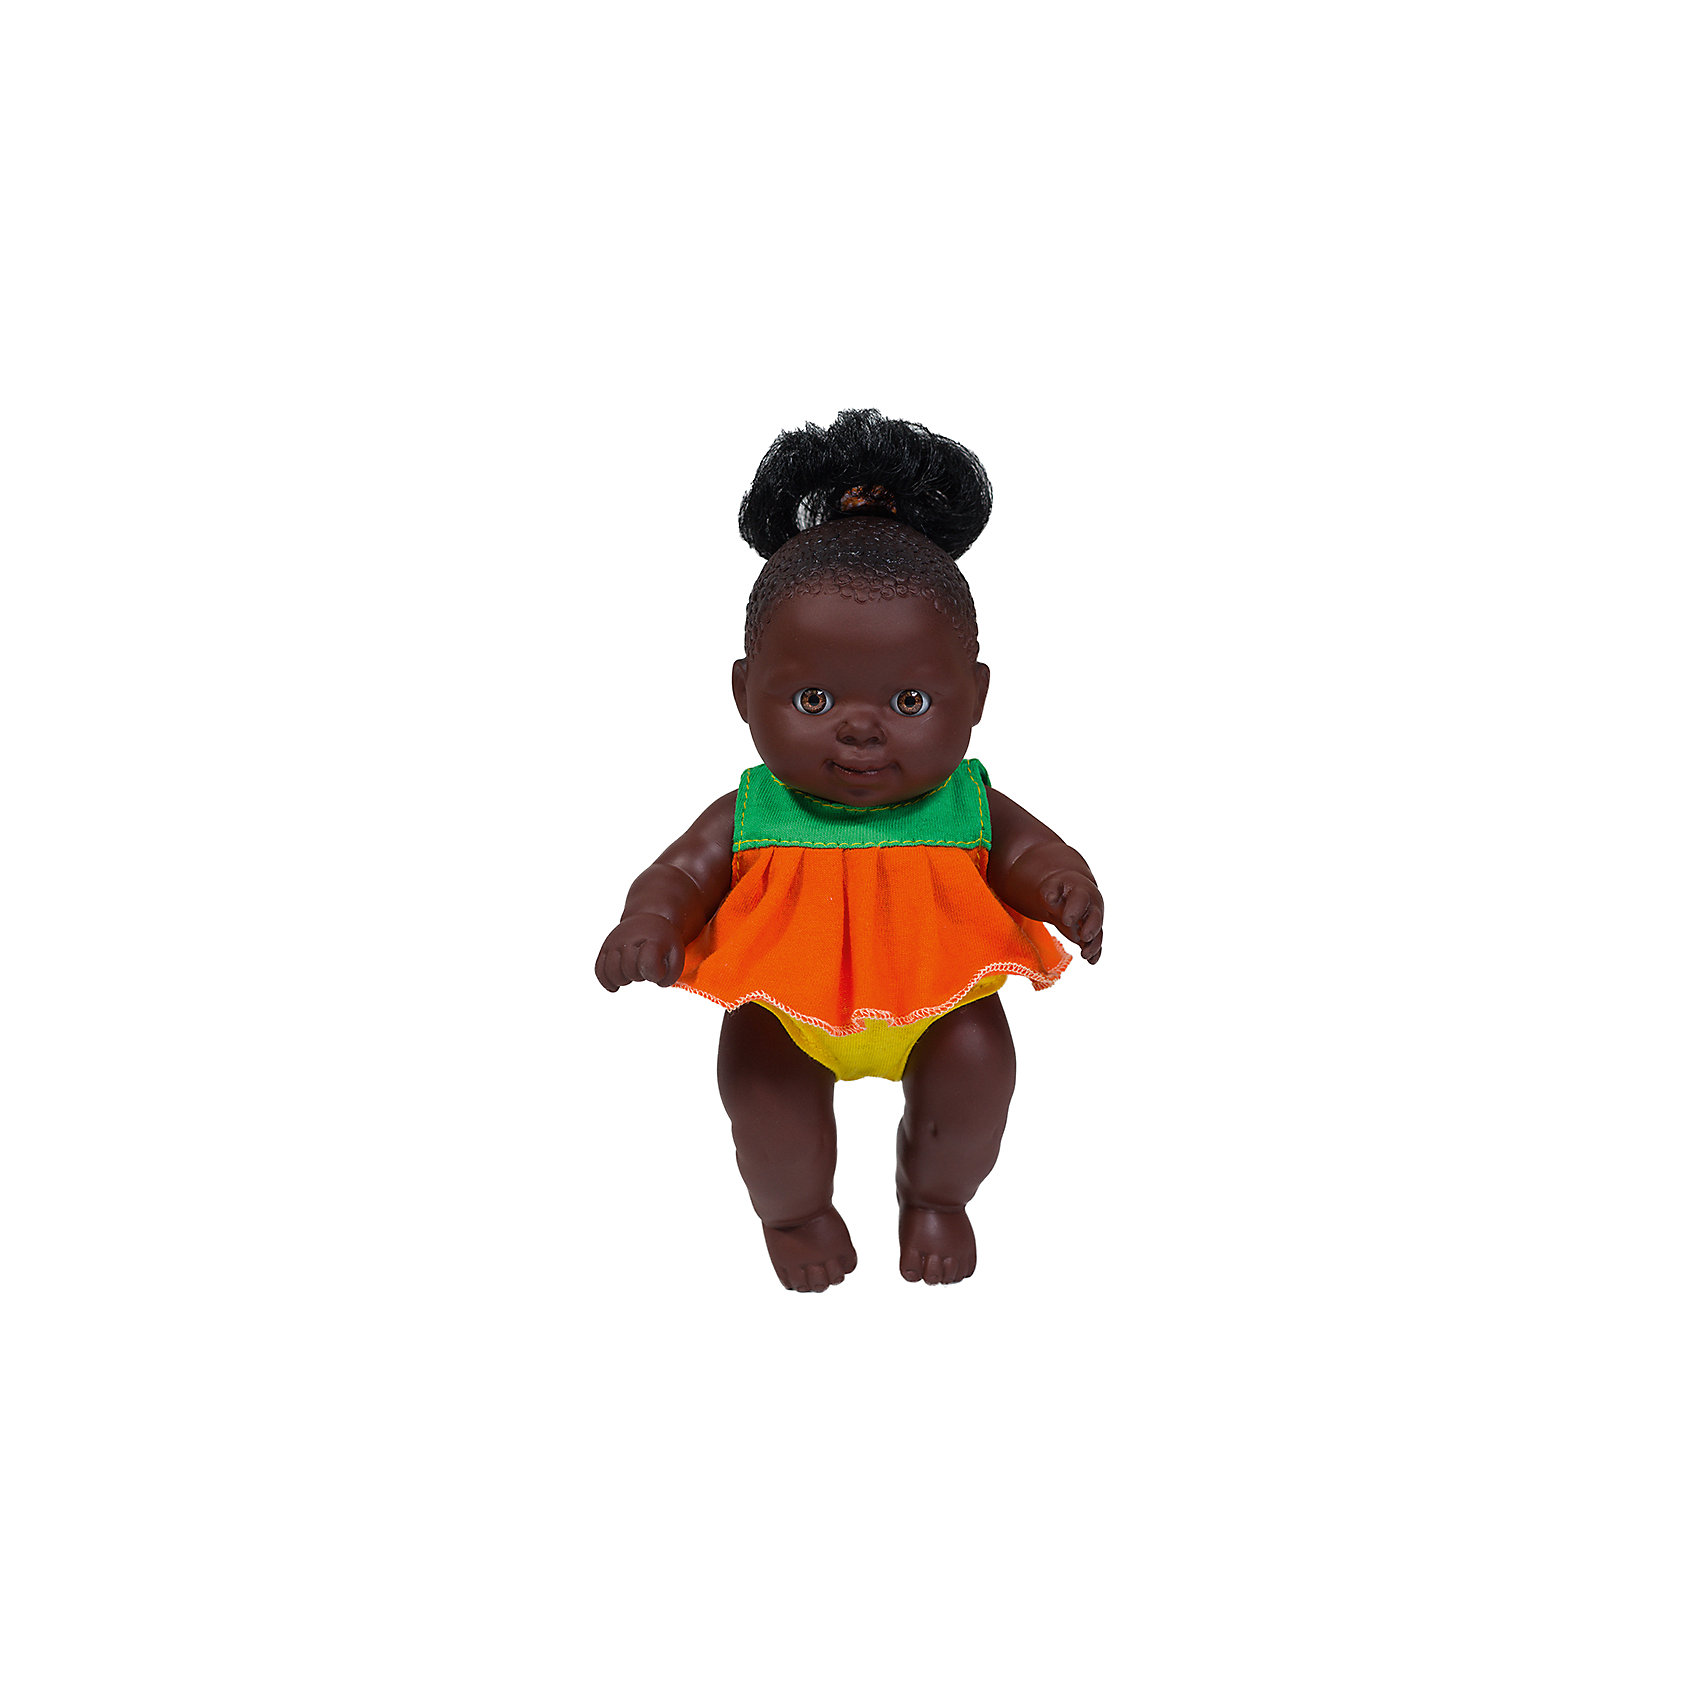 Весна Кукла Карапуз 20, девочка, Весна карапуз кукла рапунцель со светящимся амулетом 37 см со звуком принцессы дисней карапуз